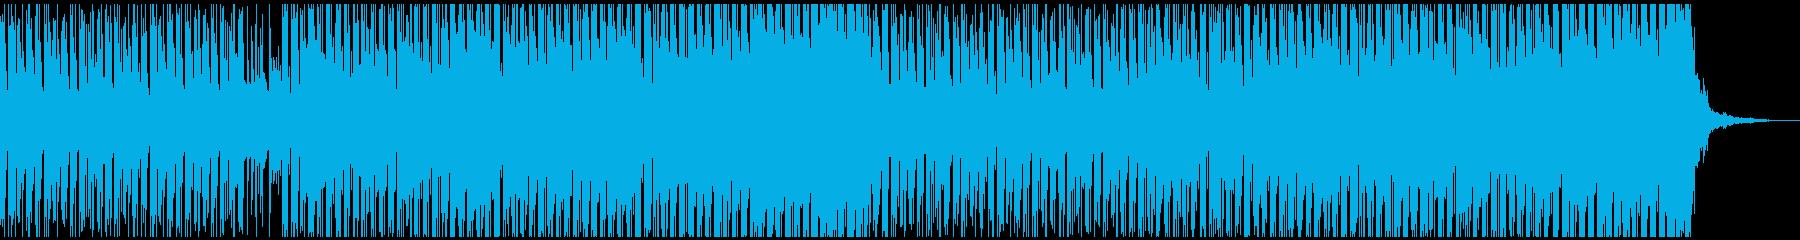 SF系近未来のドライブをイメージした曲の再生済みの波形